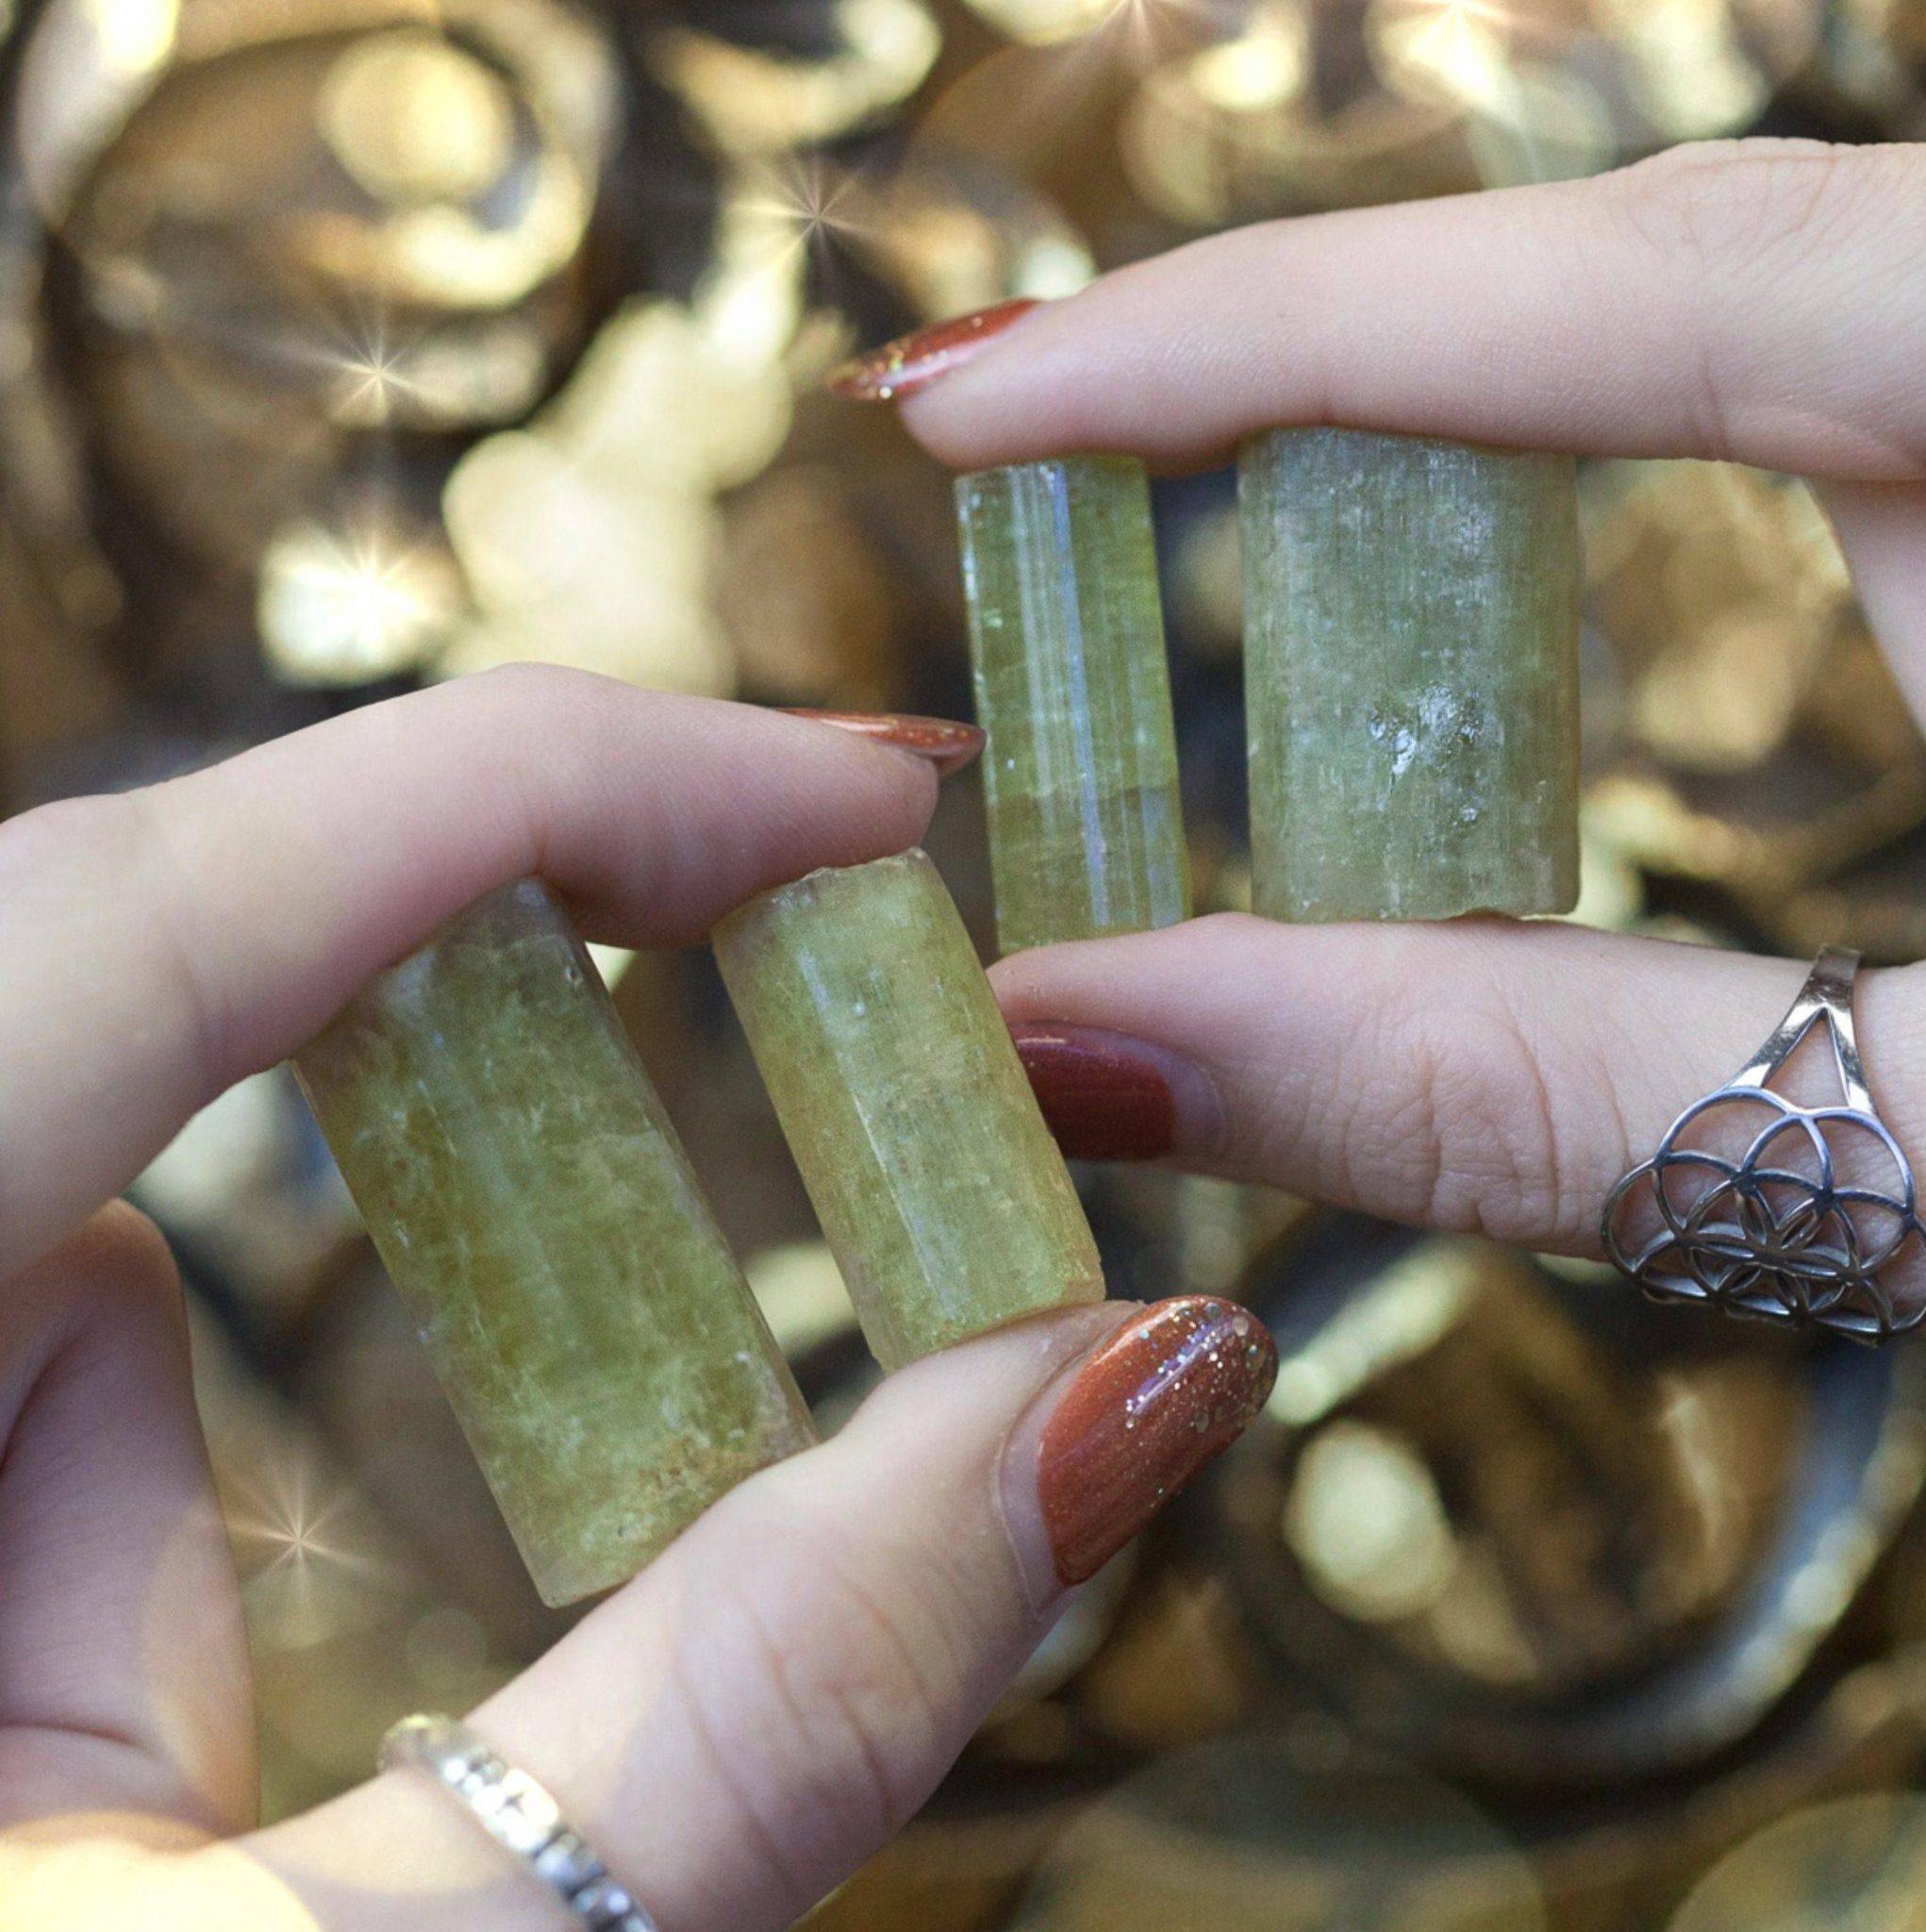 piedra abundancia prosperidad poderes